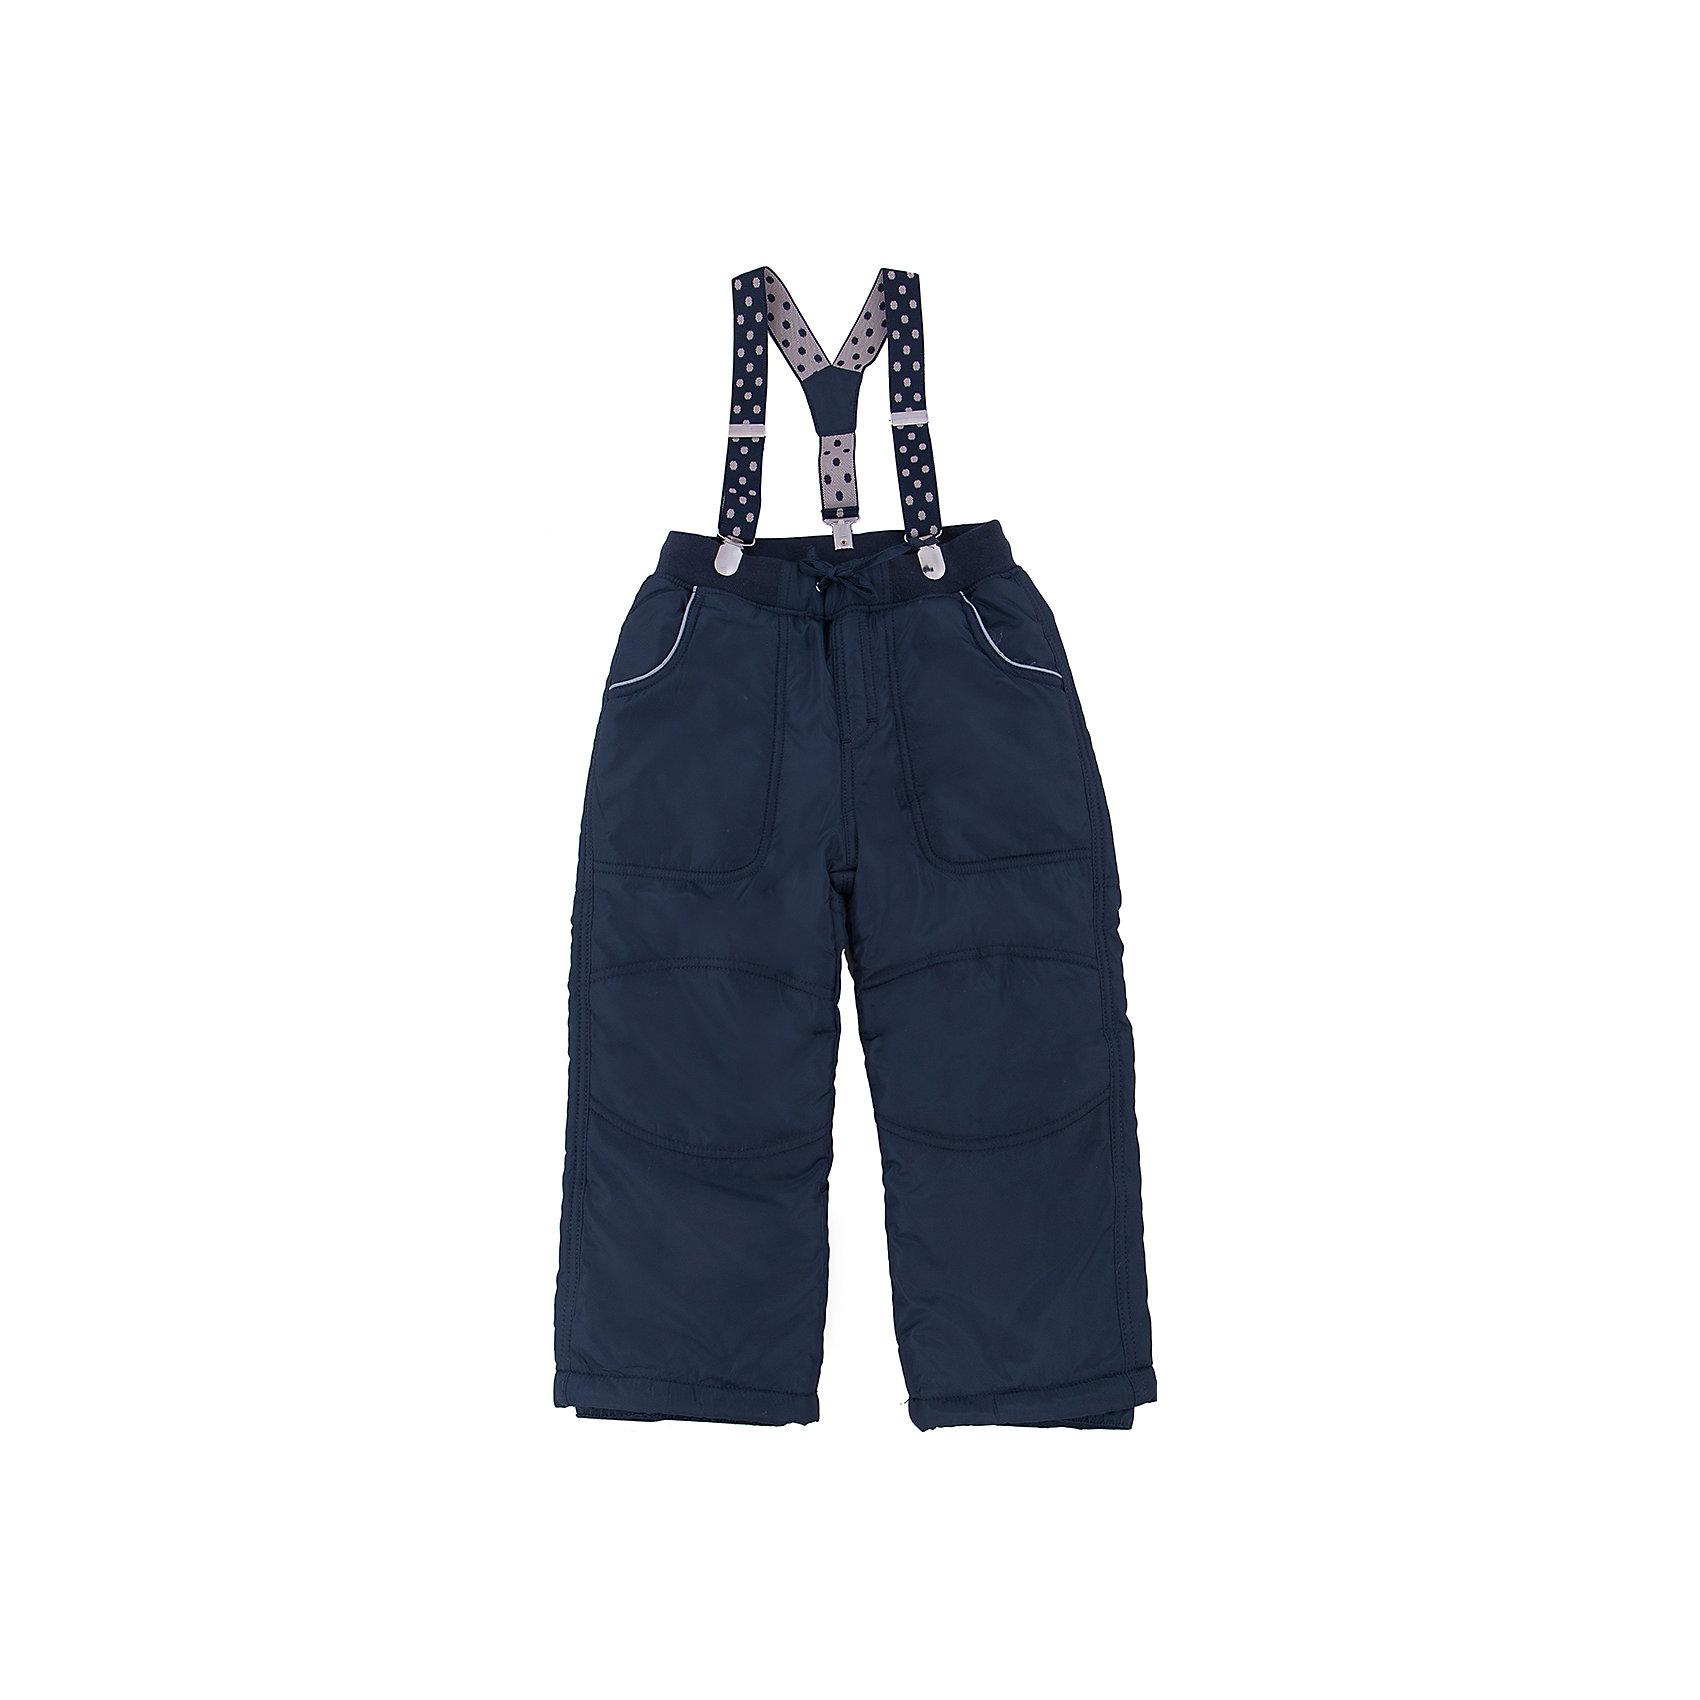 Брюки для девочки SELAТакие утепленные брюки - незаменимая вещь в прохладное время года. Эта модель отлично сидит на ребенке, она сшита из плотного материала, позволяет заниматься спортом на свежем воздухе зимой. Мягкая подкладка не вызывает аллергии и обеспечивает ребенку комфорт. Модель станет отличной базовой вещью, которая будет уместна в различных сочетаниях.<br>Одежда от бренда Sela (Села) - это качество по приемлемым ценам. Многие российские родители уже оценили преимущества продукции этой компании и всё чаще приобретают одежду и аксессуары Sela.<br><br>Дополнительная информация:<br><br>регулируемые лямки;<br>материал: 100% ПЭ; подкладка:60% хлопок, 40% ПЭ; утеплитель:100% ПЭ;<br>светоотражающие детали;<br>резинка в поясе.<br><br>Брюки для девочки от бренда Sela можно купить в нашем интернет-магазине.<br><br>Ширина мм: 215<br>Глубина мм: 88<br>Высота мм: 191<br>Вес г: 336<br>Цвет: синий<br>Возраст от месяцев: 36<br>Возраст до месяцев: 48<br>Пол: Женский<br>Возраст: Детский<br>Размер: 104,110,116,98<br>SKU: 4919352